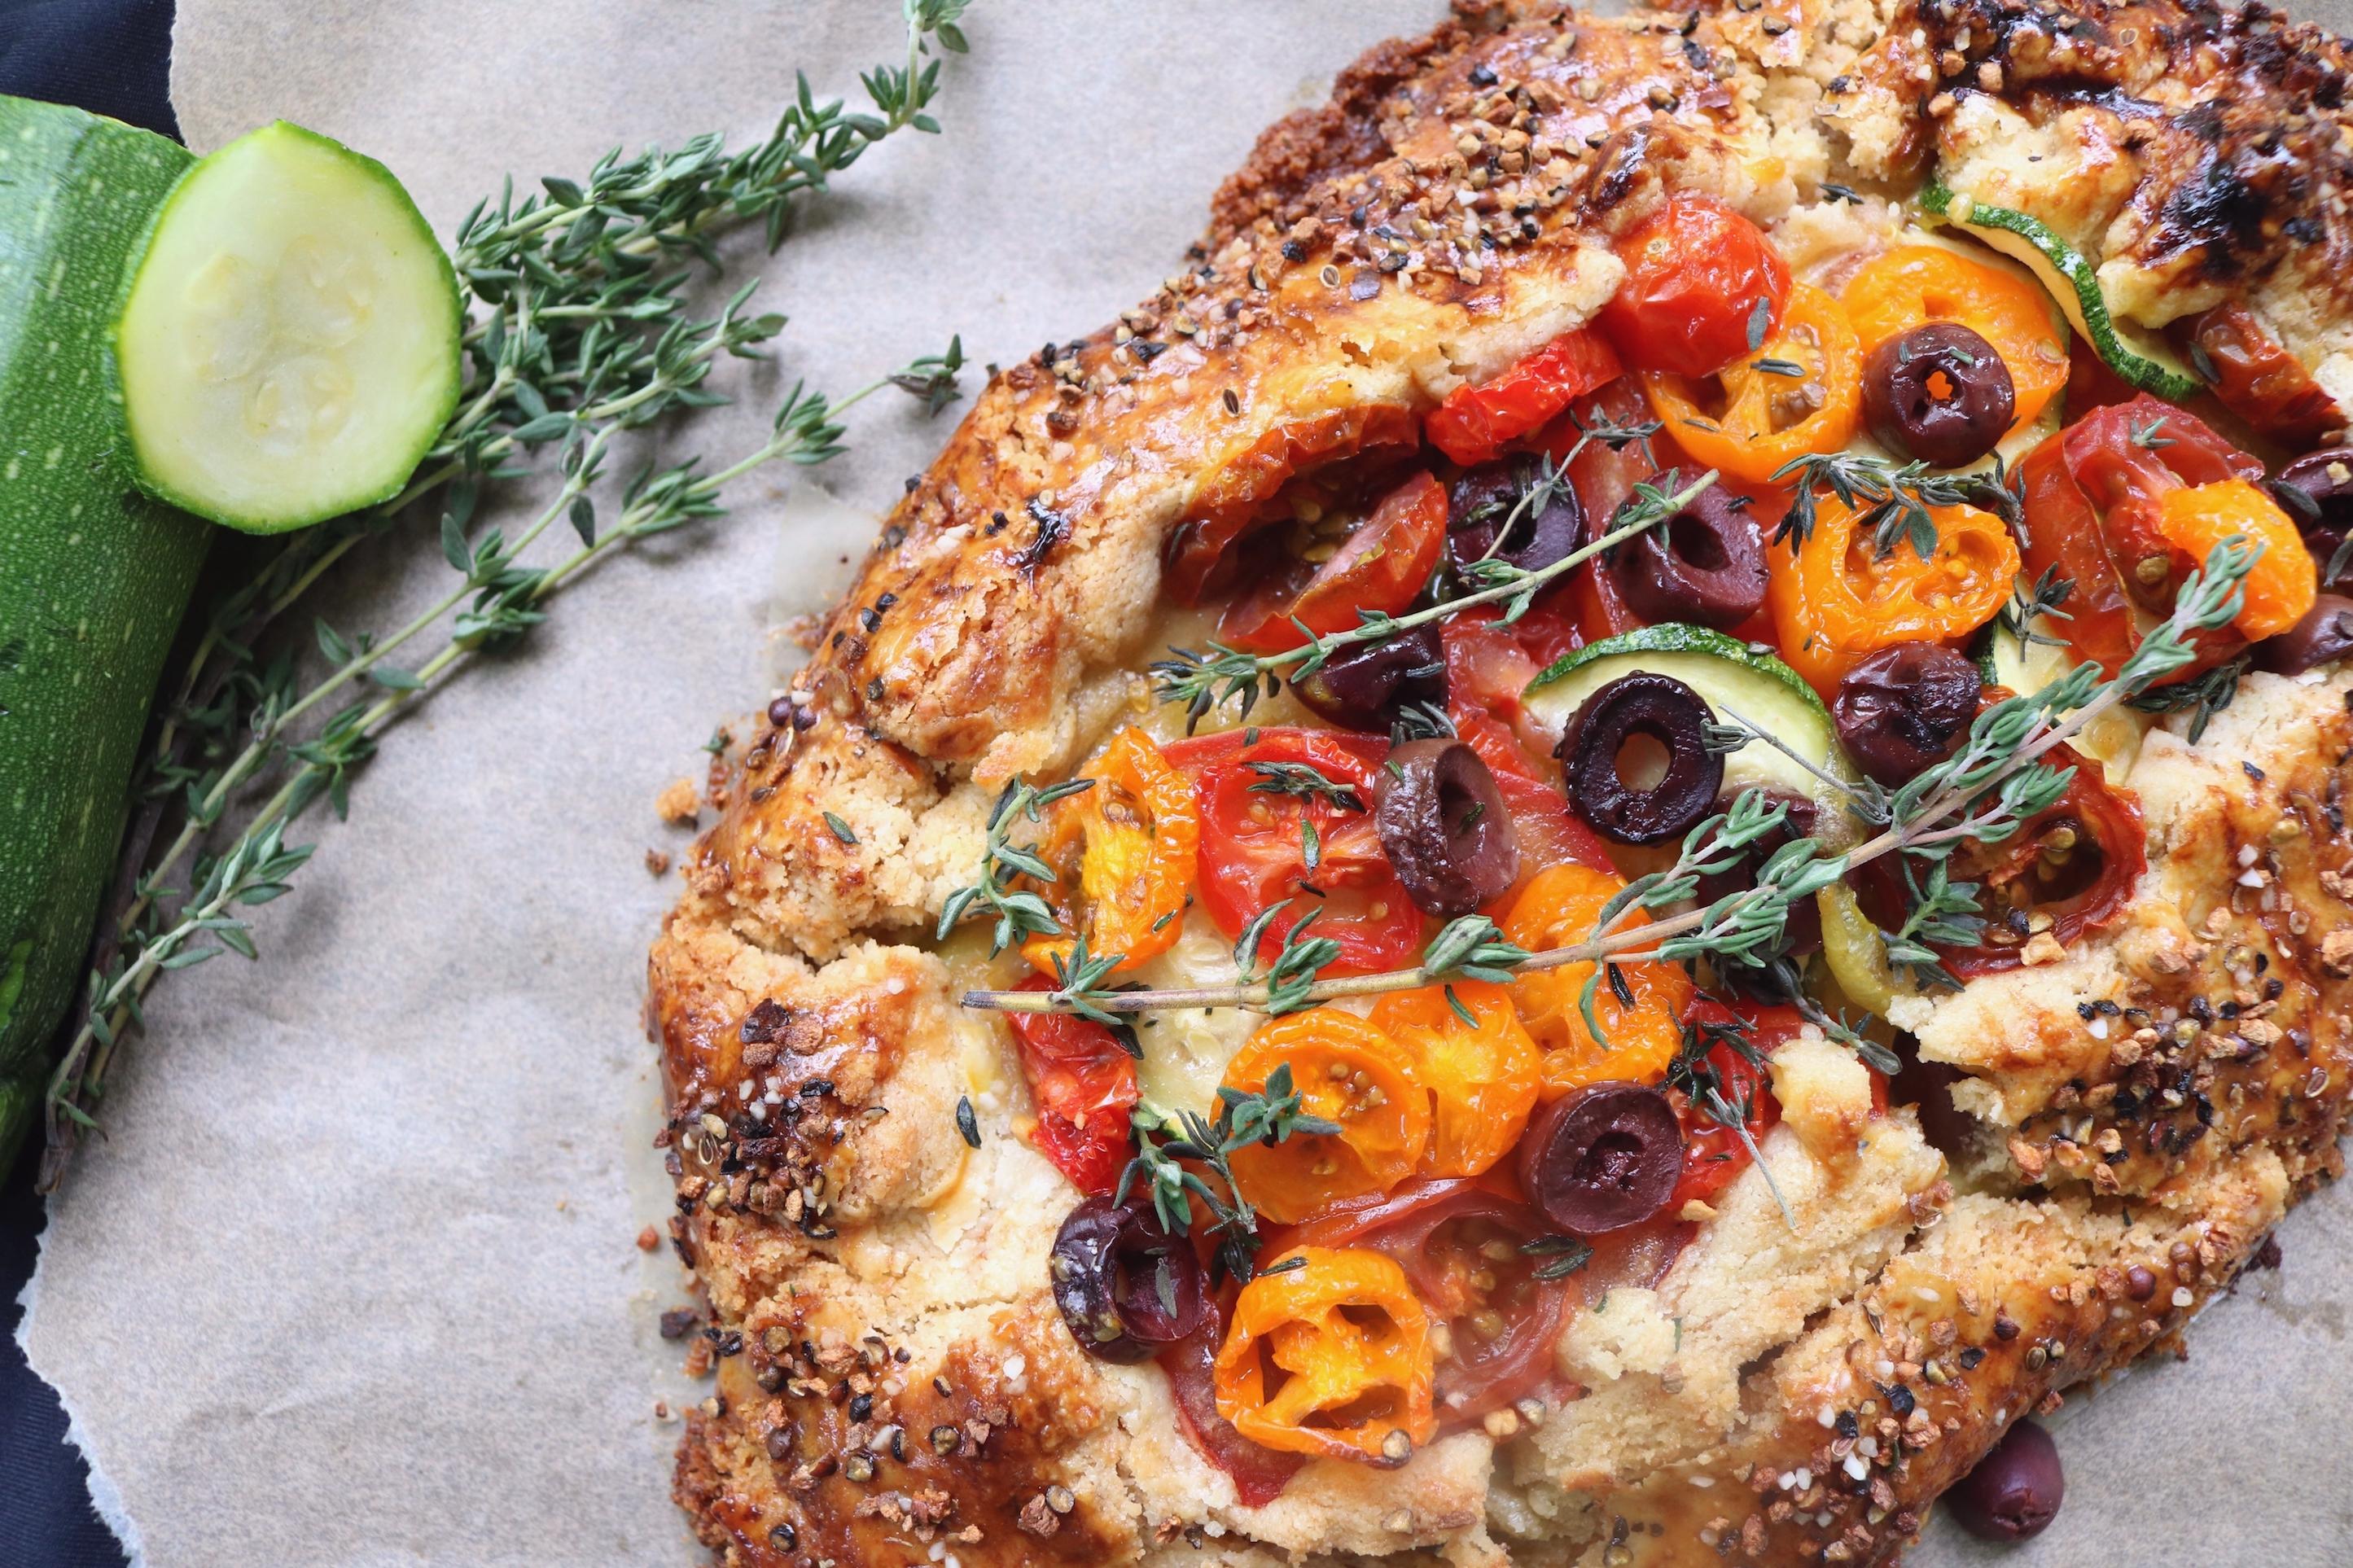 Tomato Zucchini Galette with Feta